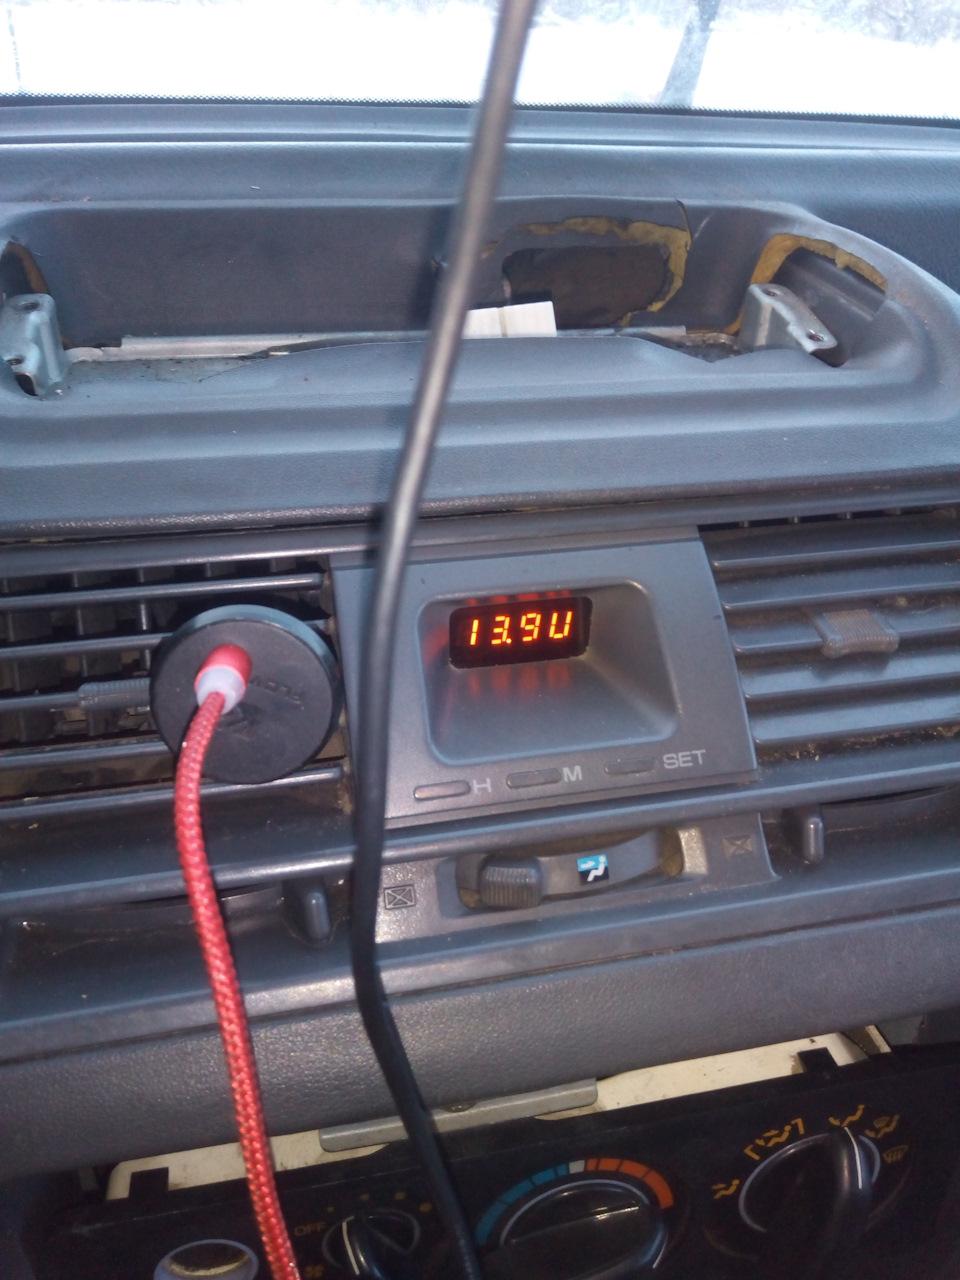 7MAAAgKRXOA-960.jpg